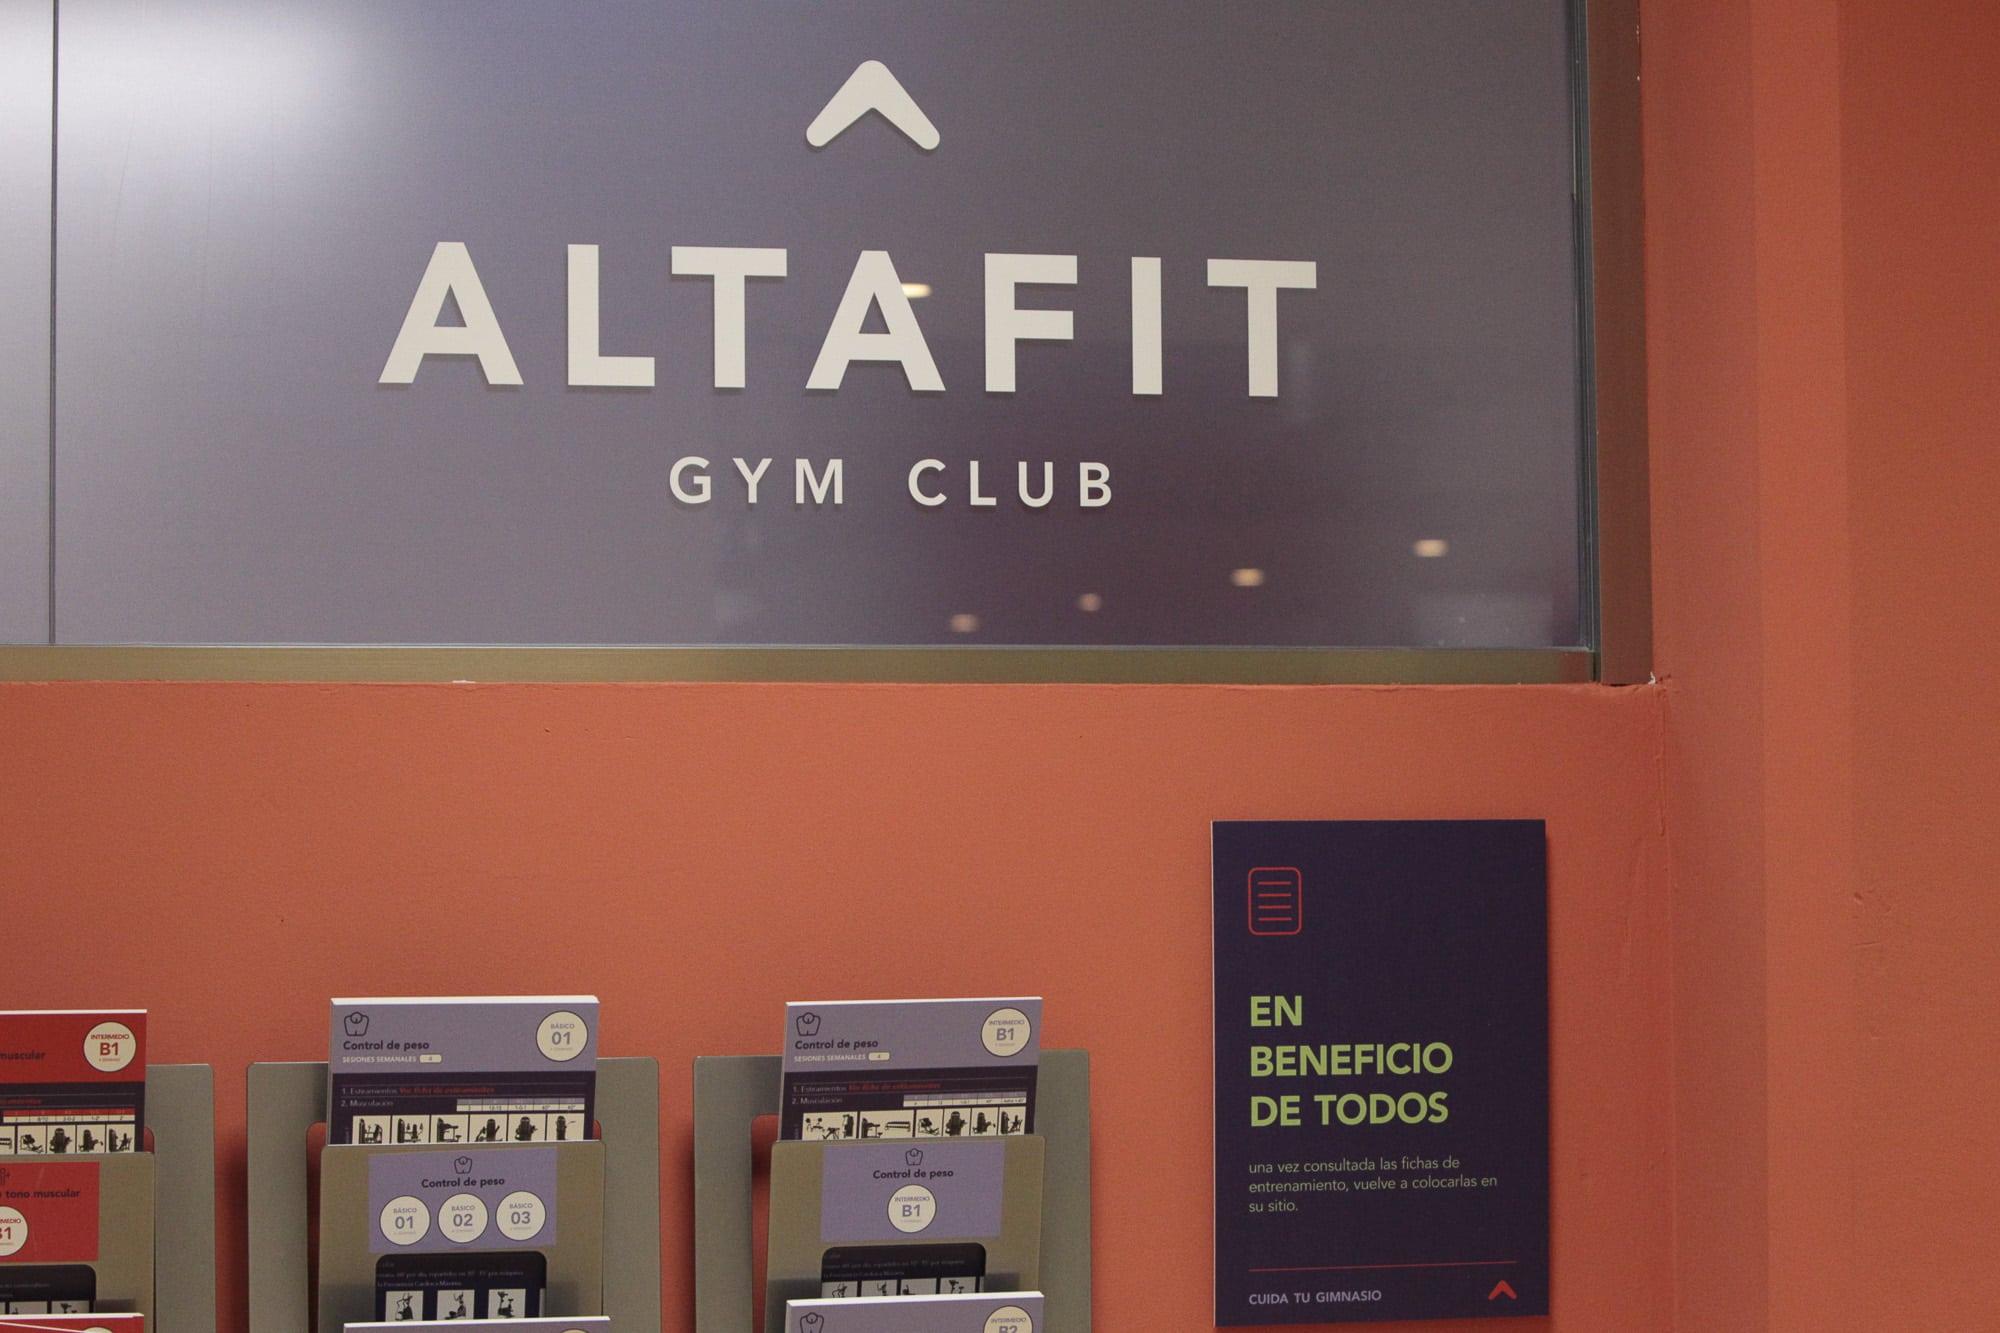 AltaFit comienza la Temporada con una gran cantidad de novedades y ofertas